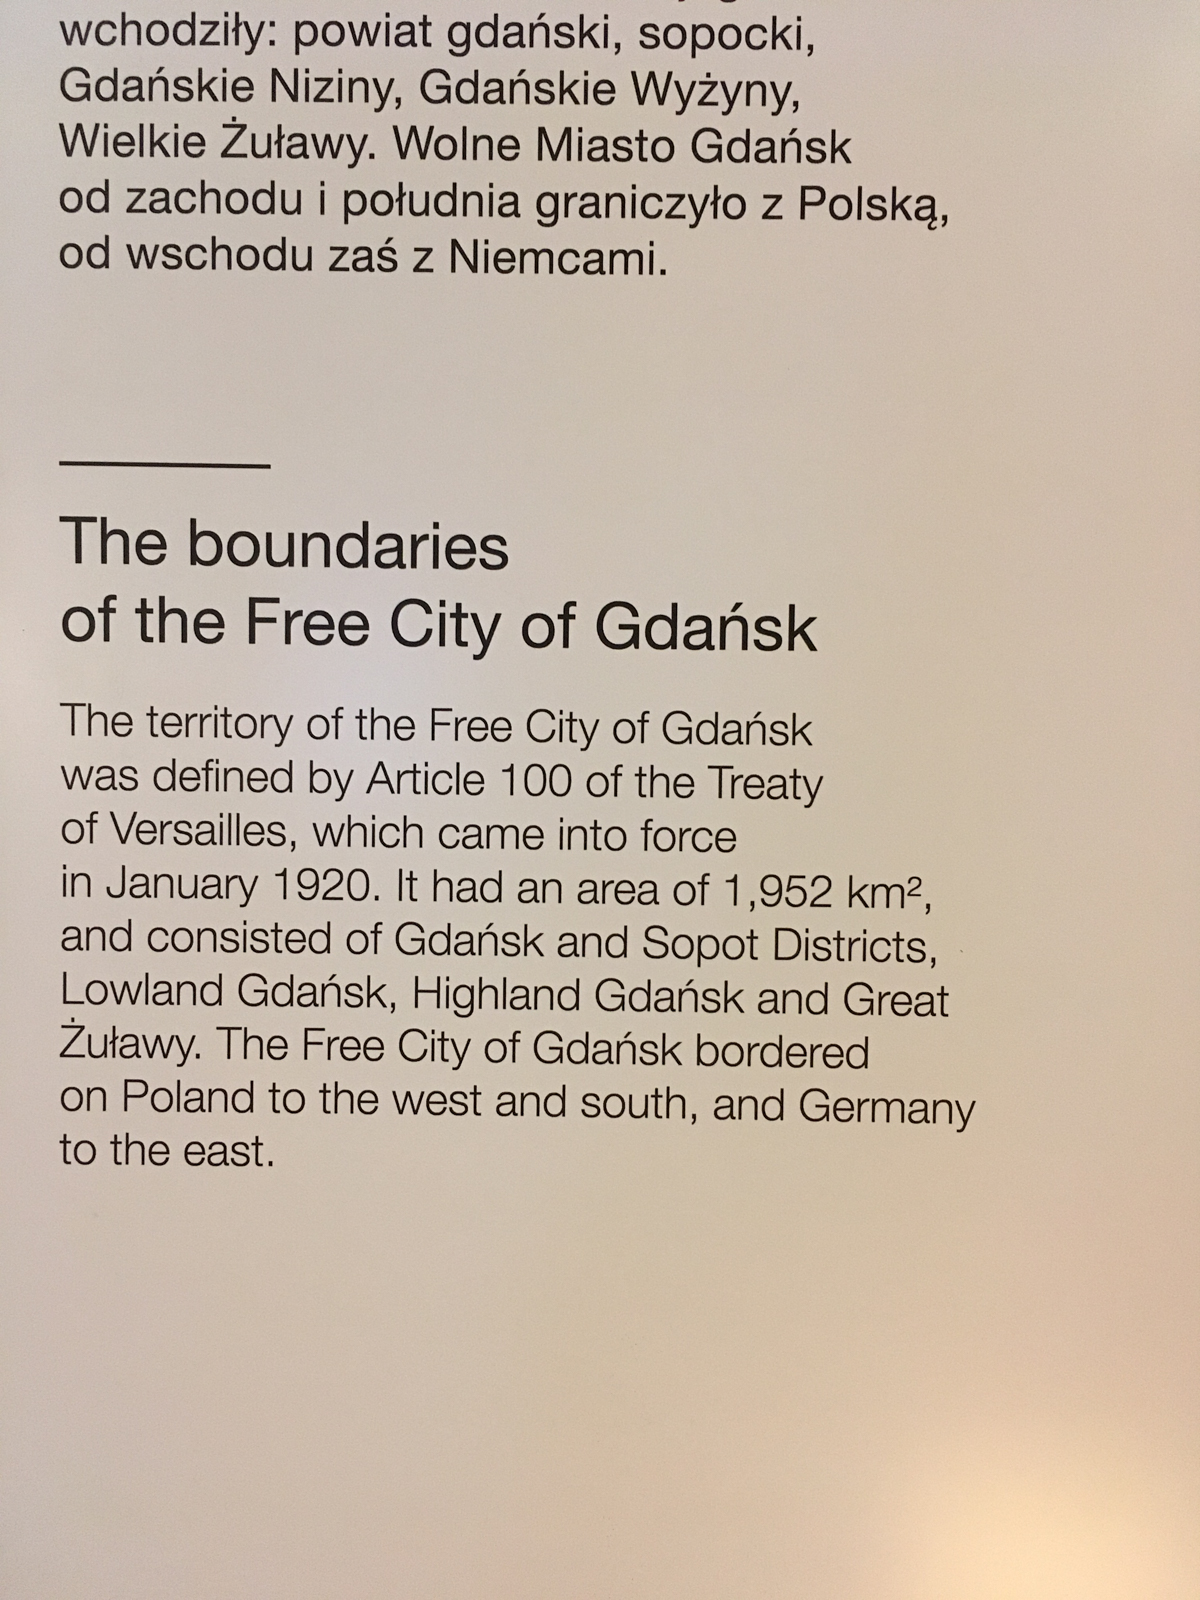 Gdansk2nd_world_war_museum-23.jpg